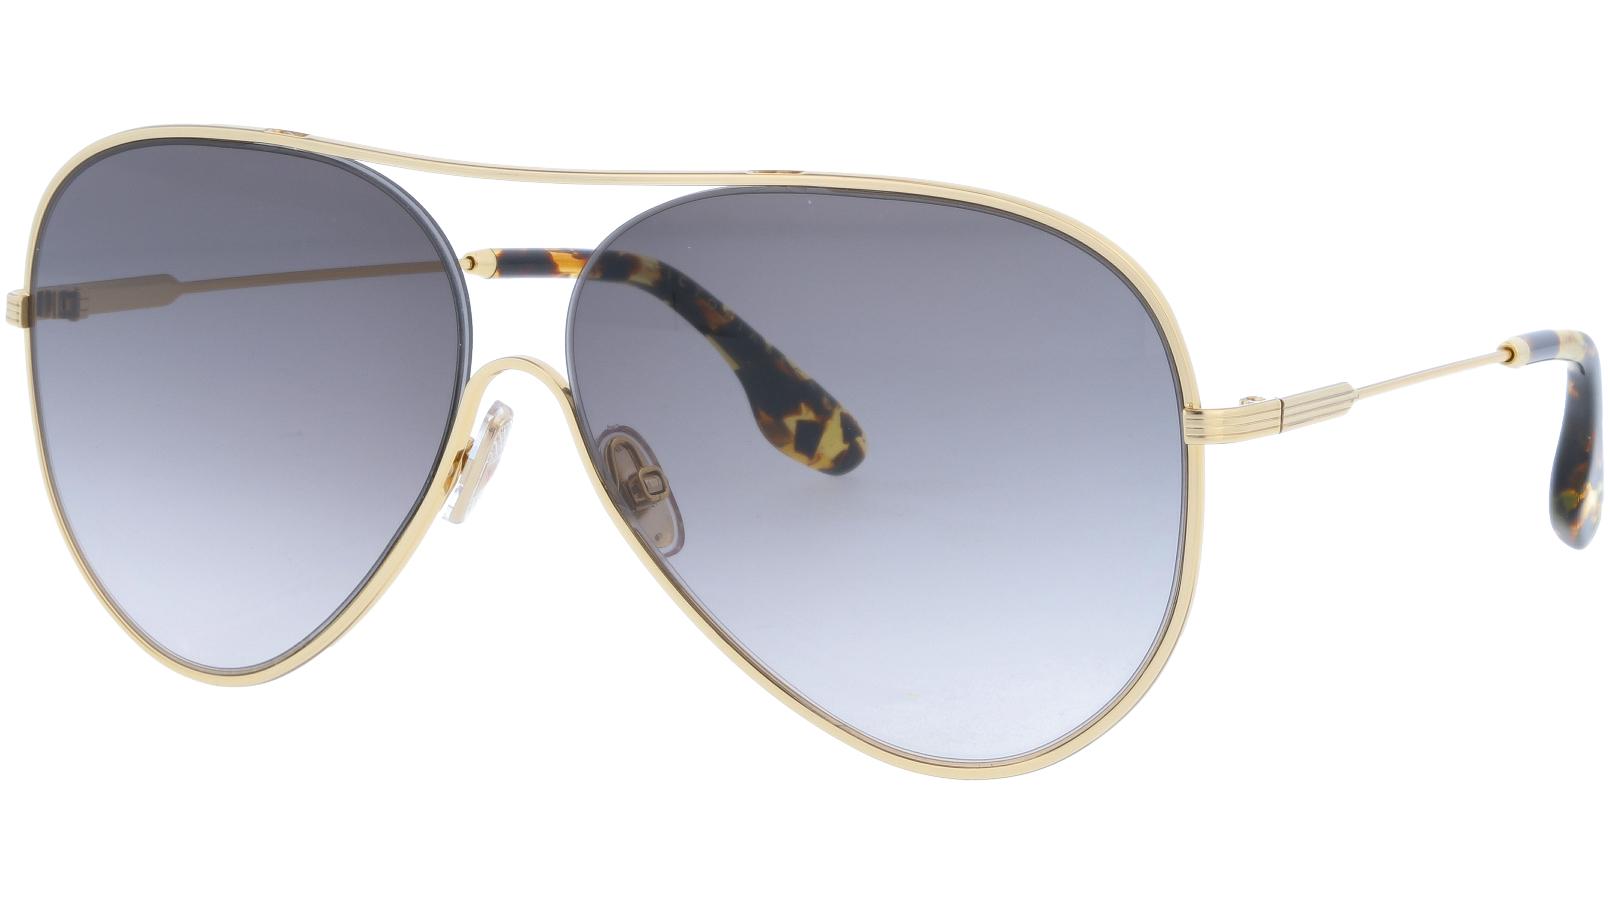 VICTORIA BECKHAM VB133S 701 61 GOLD Sunglasses